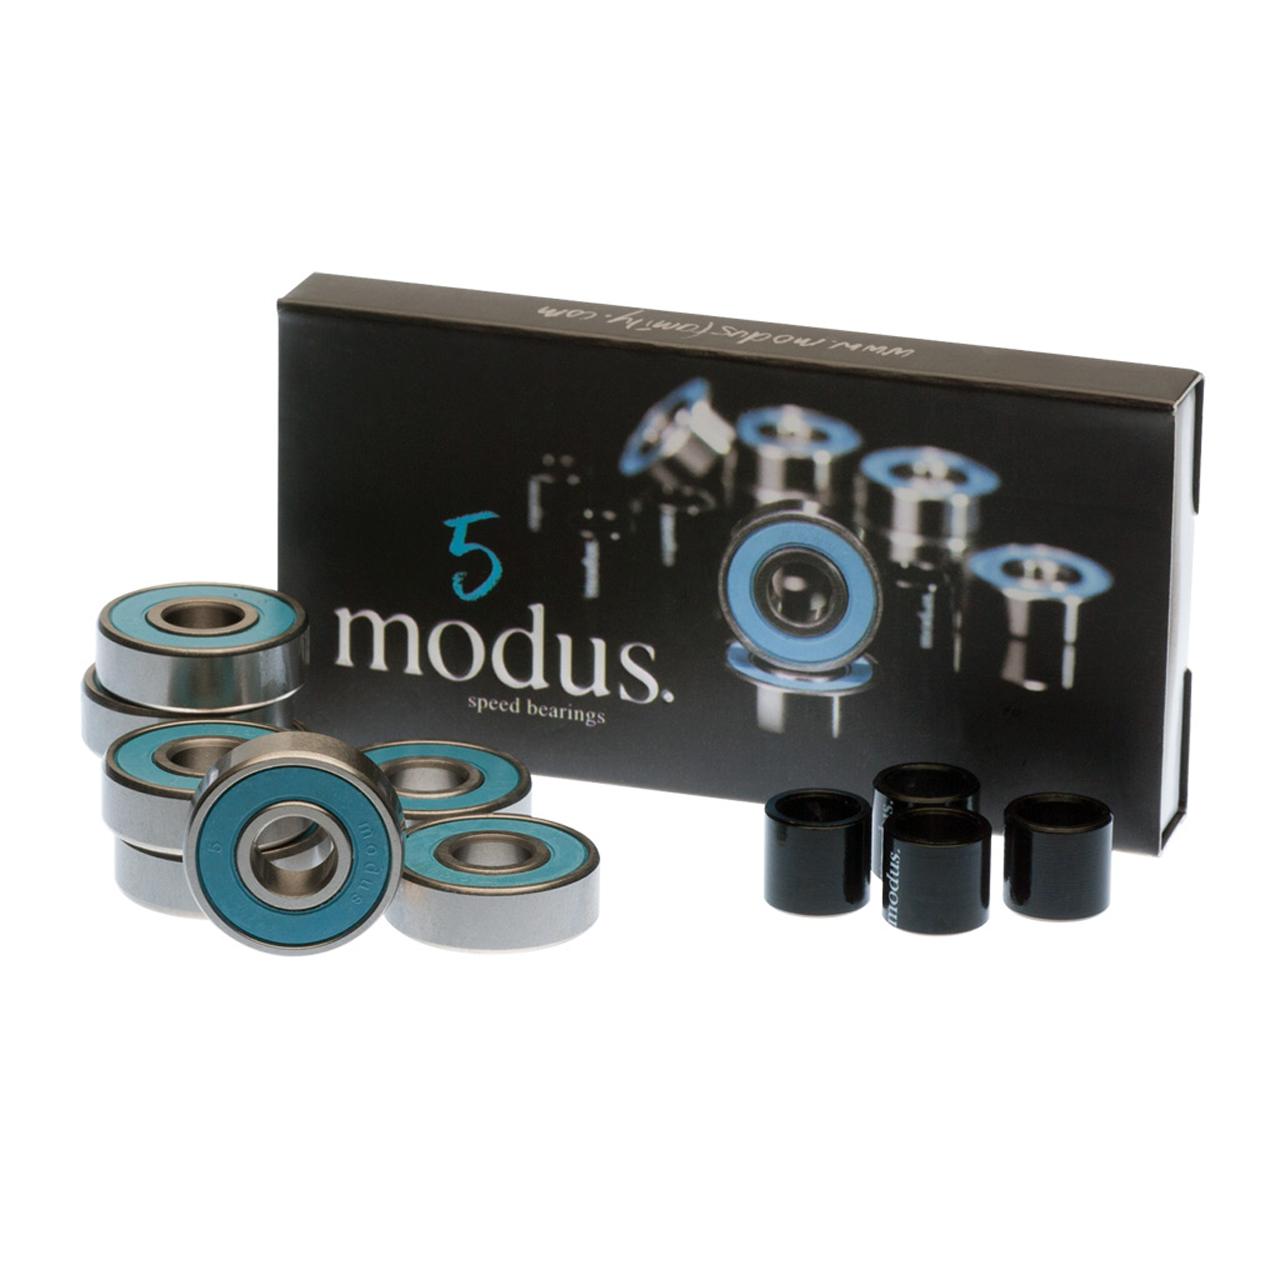 Modus_5's_Set